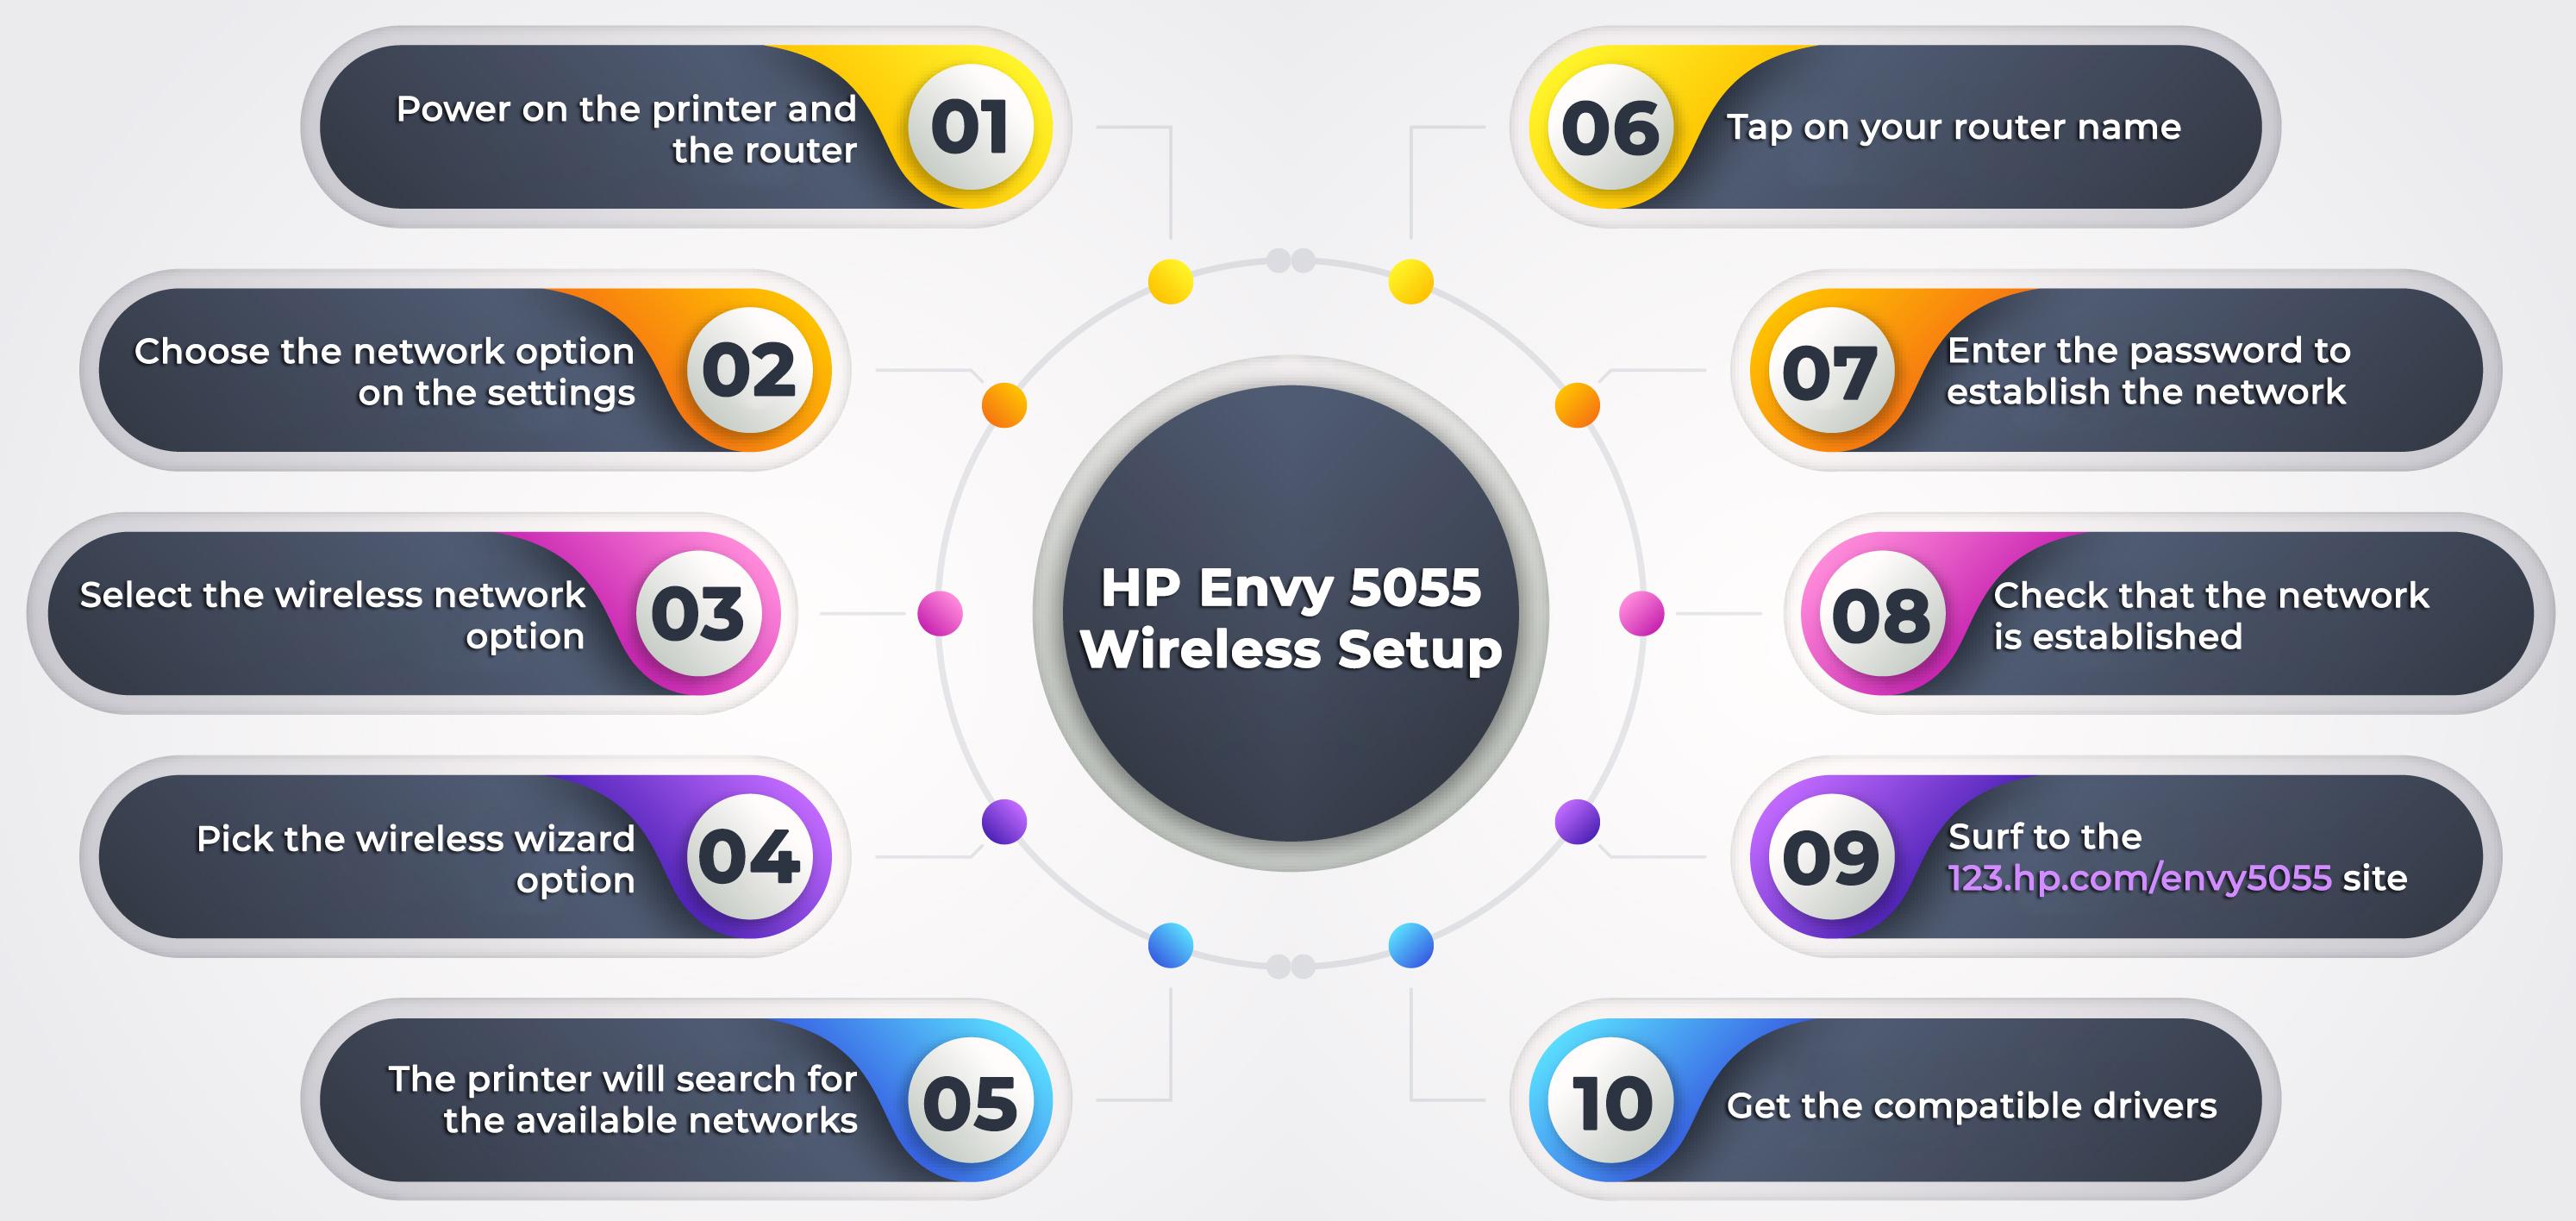 HP Envy 5055 Wireless Setup and Installation   123.hp.com/setup